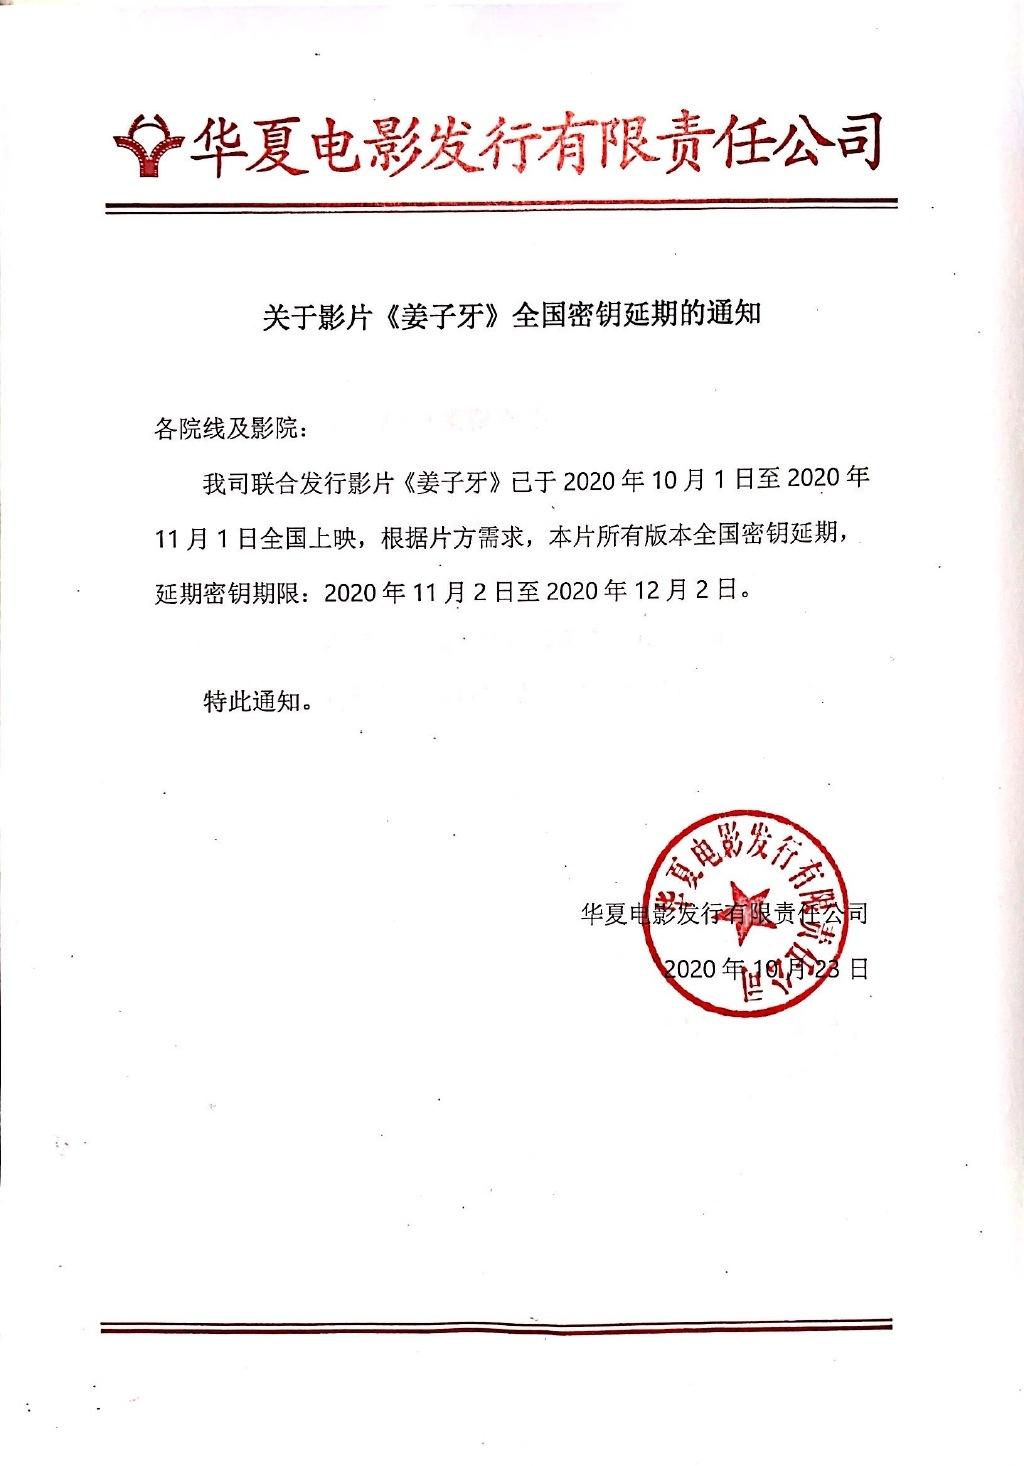 电影《姜子牙》延长上映至12月2日图片